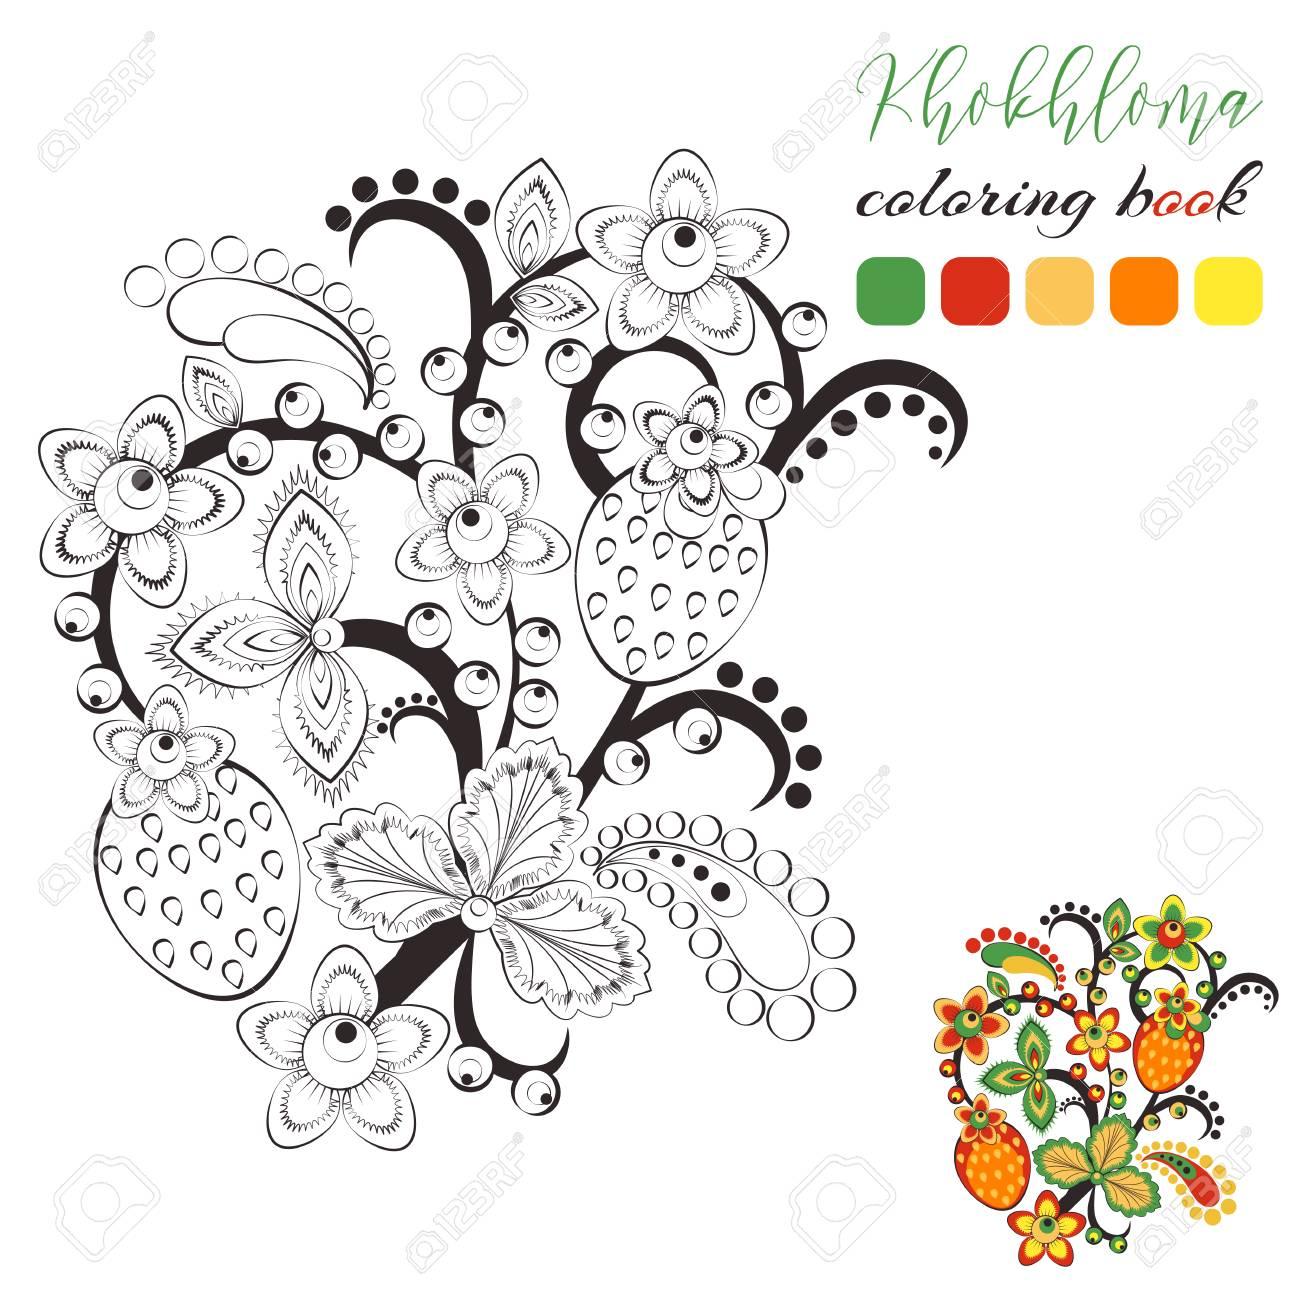 Ornamento Floral Monocromático En El Estilo De Khokhloma Para ...